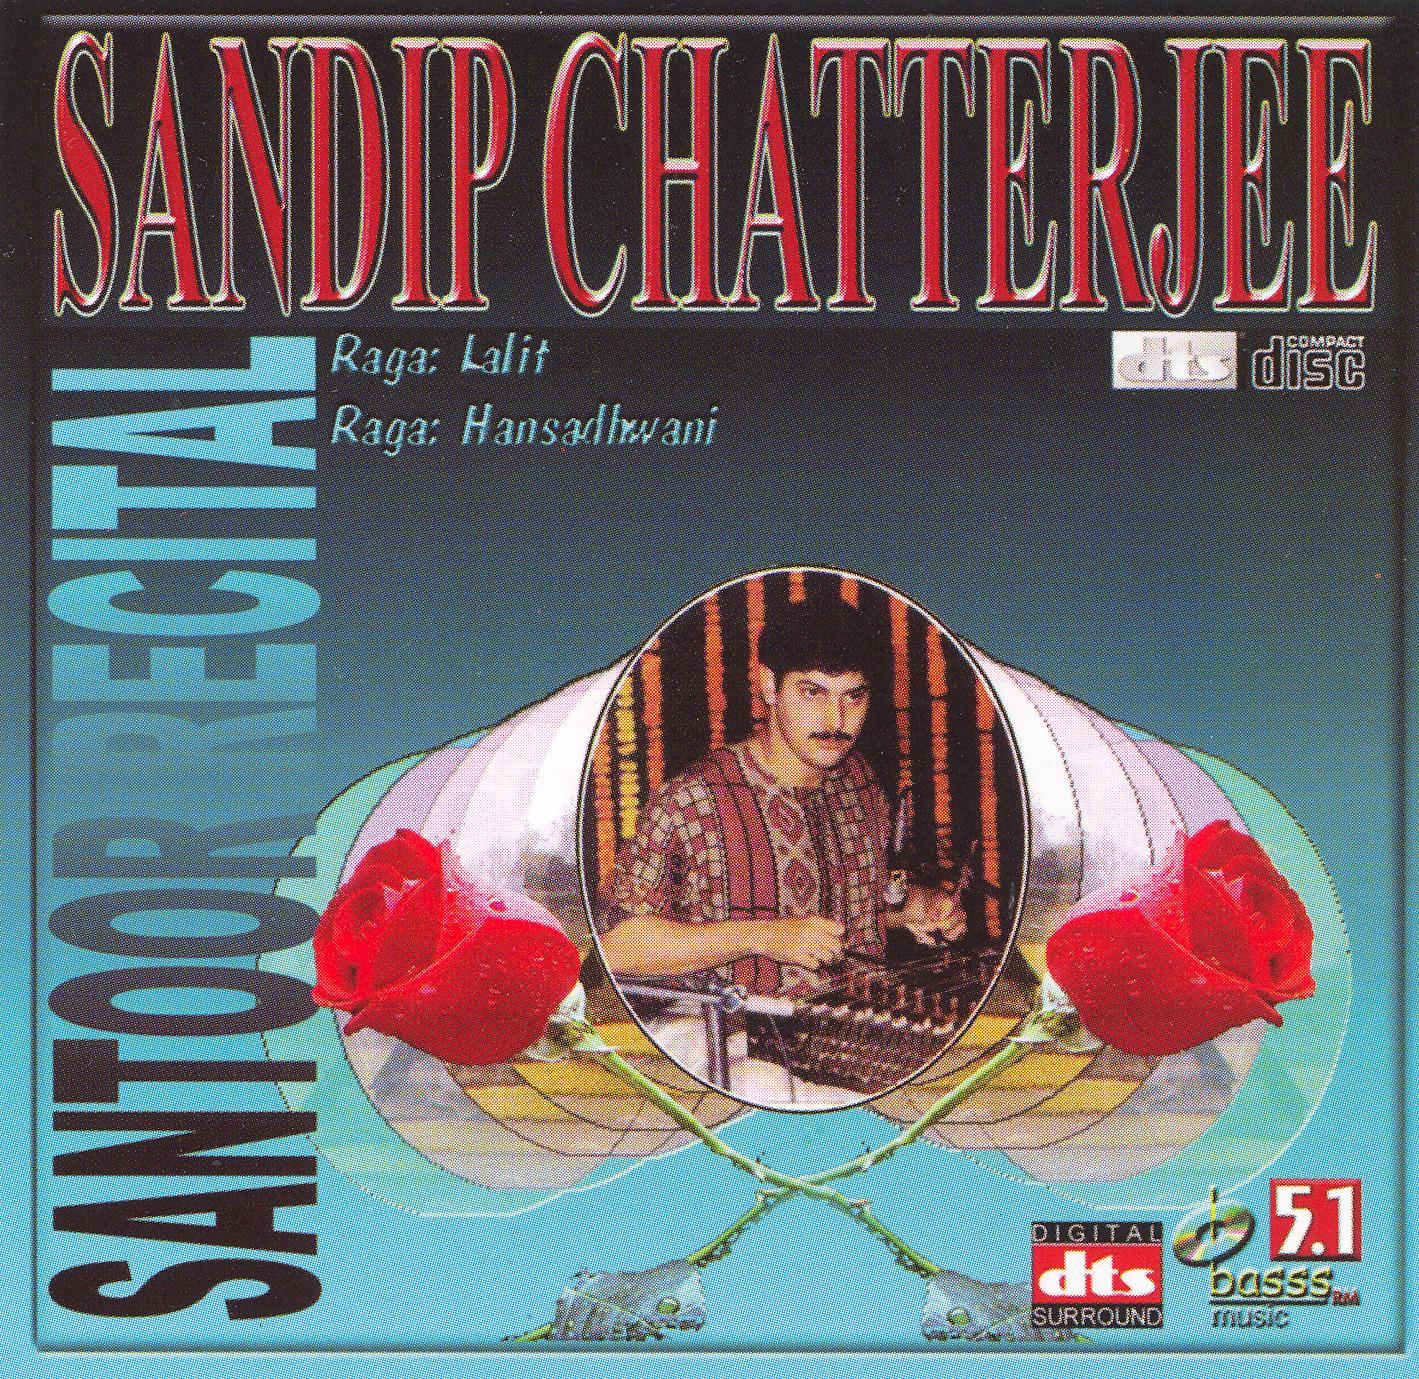 Sandip Chatterjee: Santoor Recital